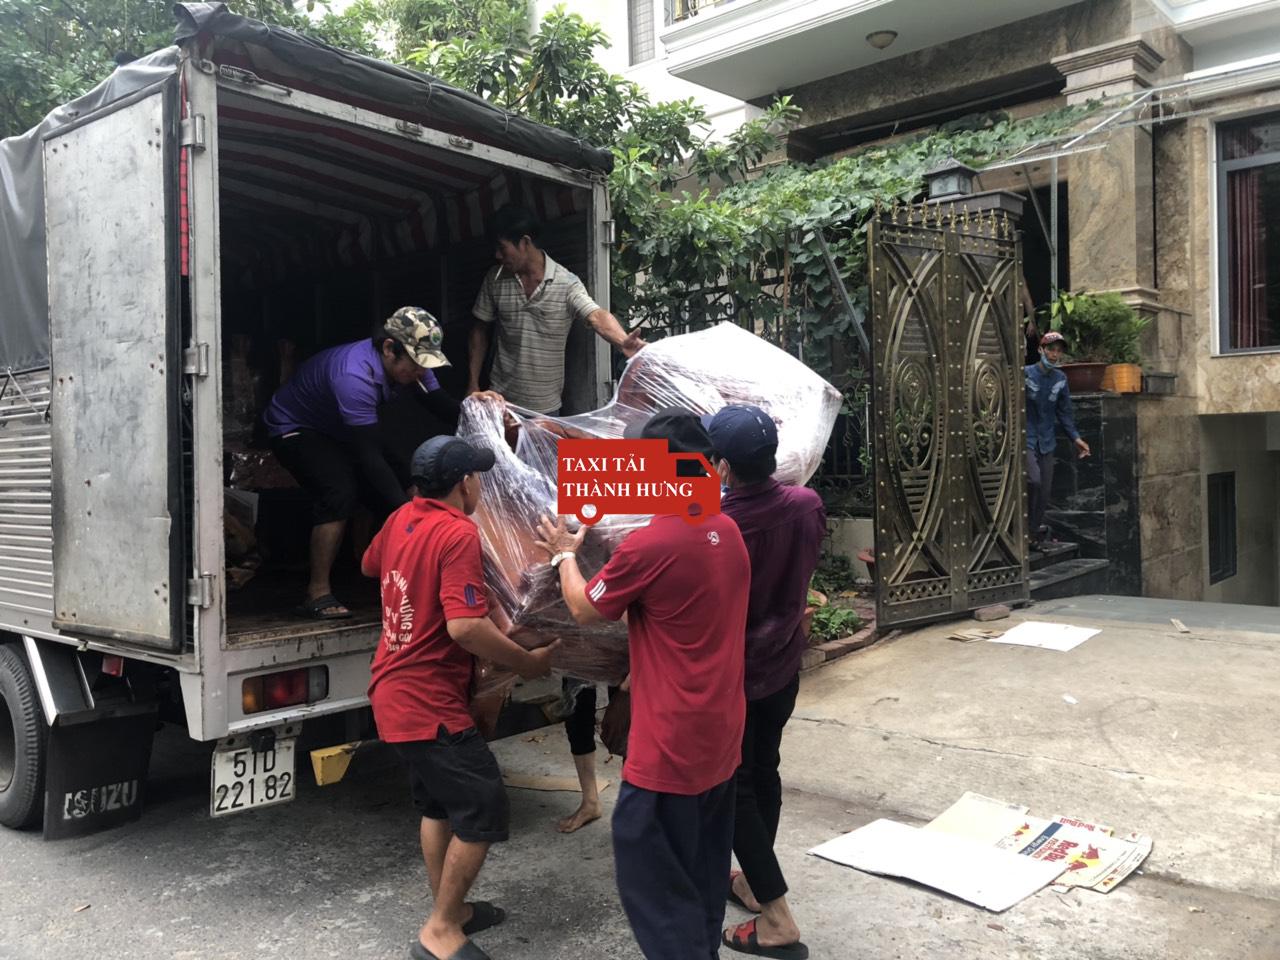 chuyển nhà thành hưng,Taxi tải Thành Hưng chuyển đồ nhanh quận Tân Phú